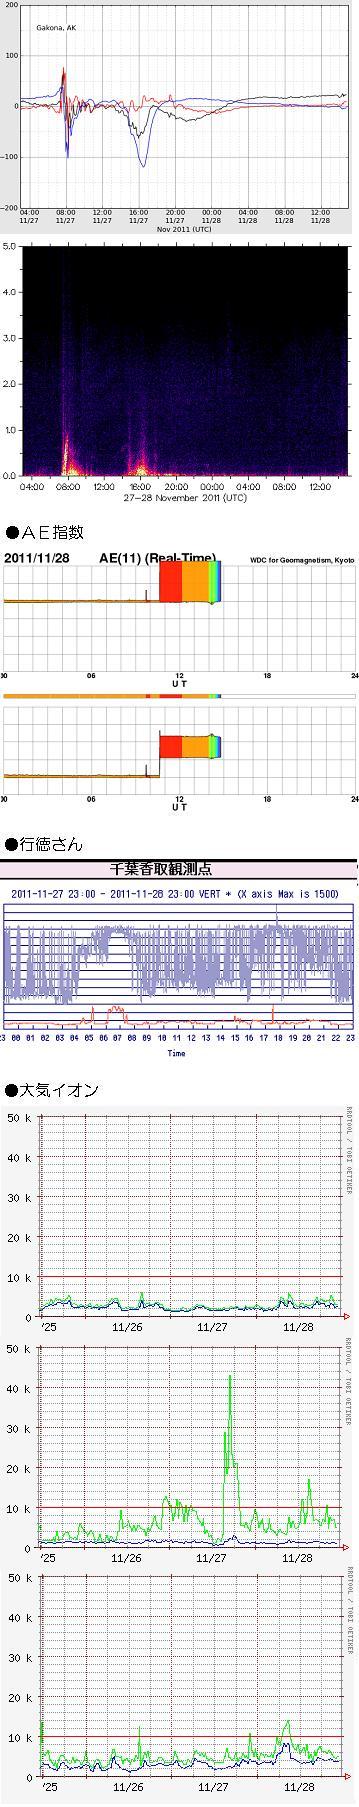 1129-1 データ